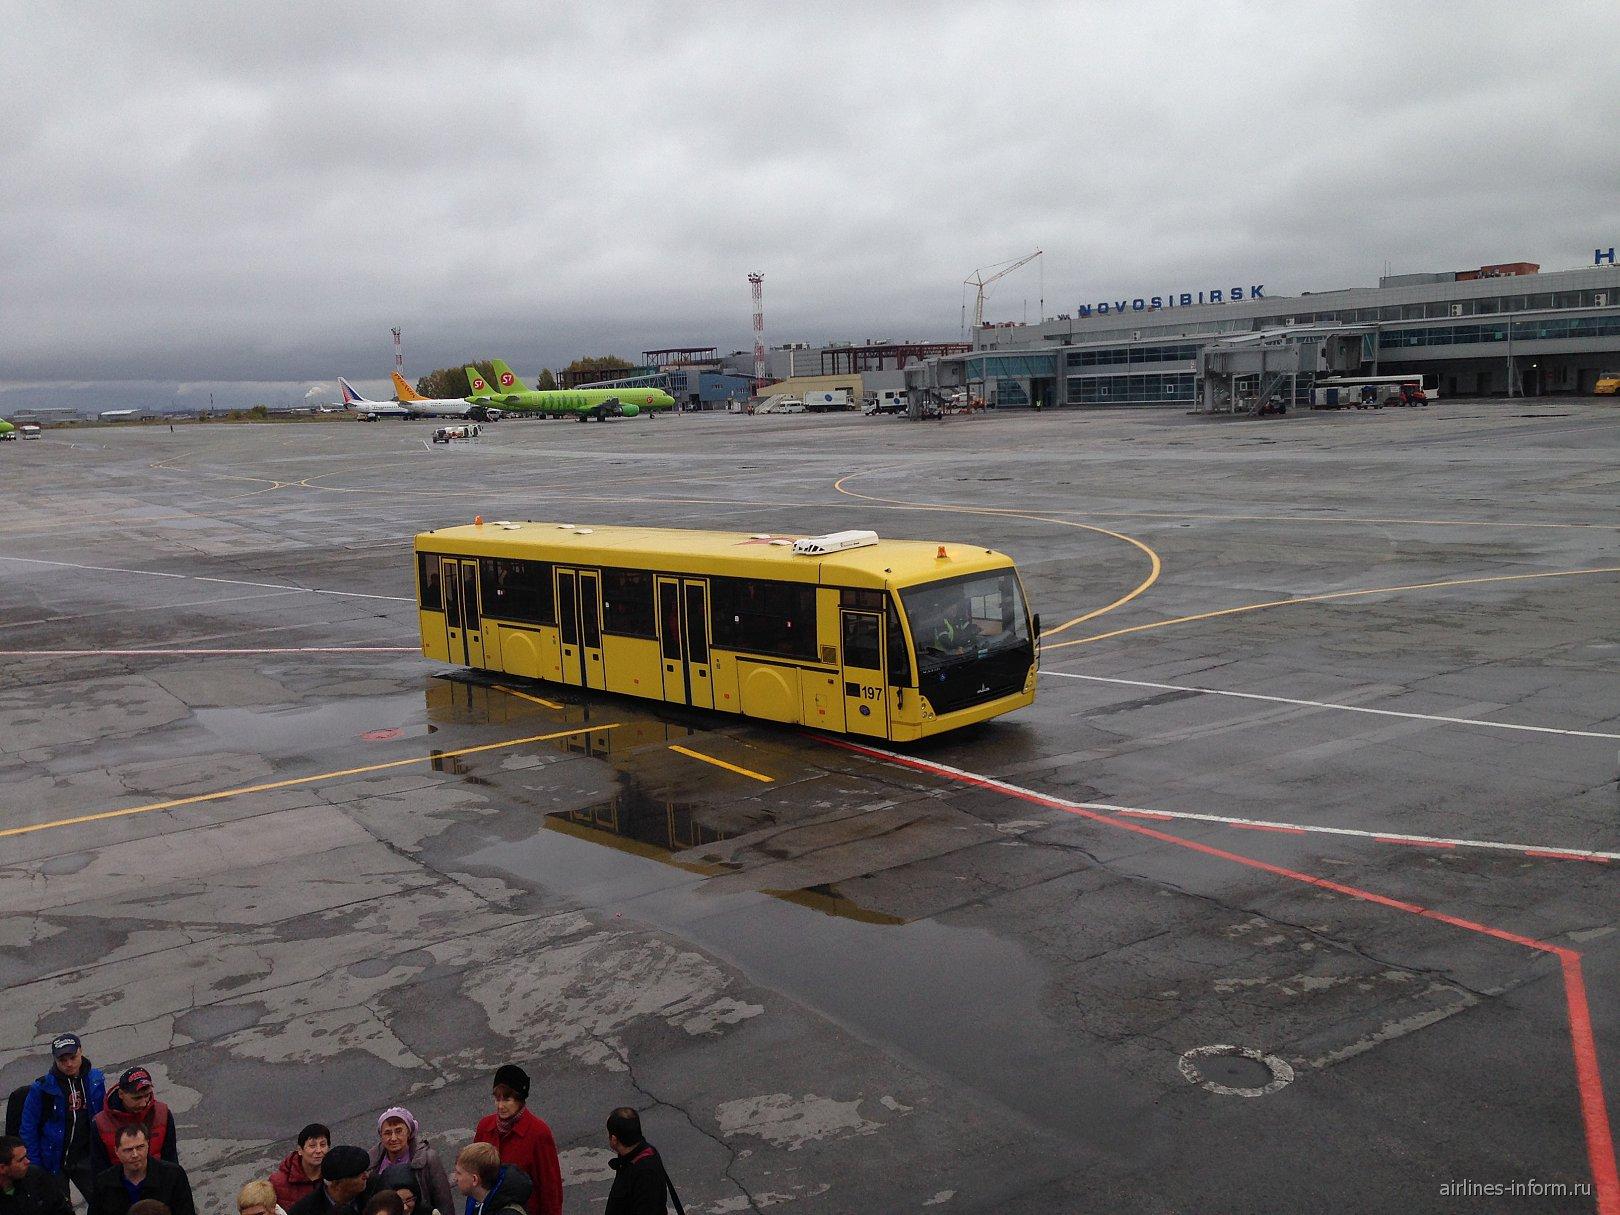 Посадка на рейс Новосибирск-Москва авиакомпании Трансаэро